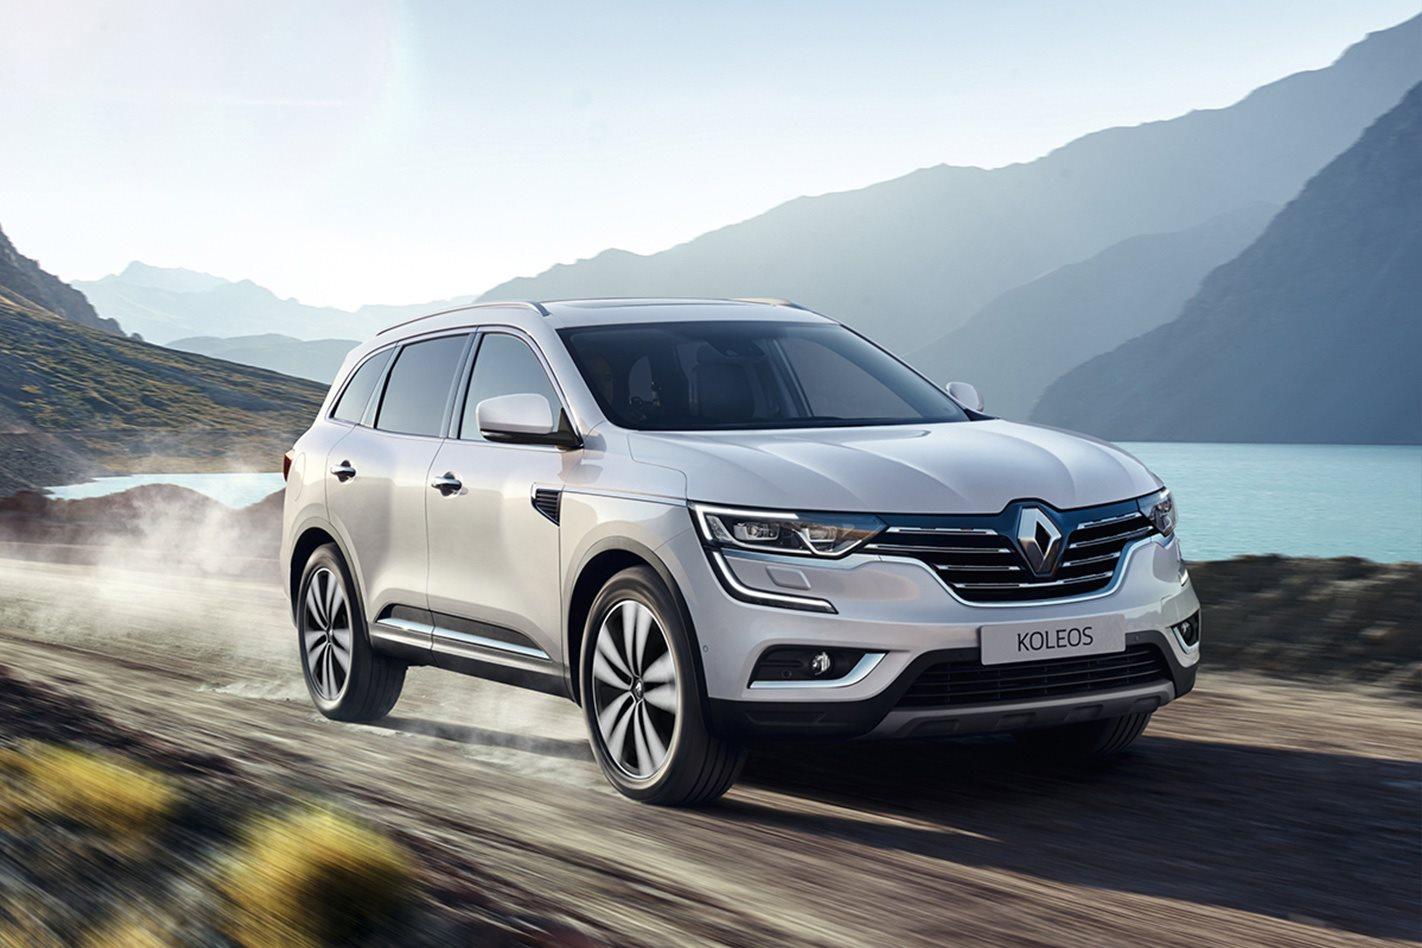 Renault koleos 2016 price